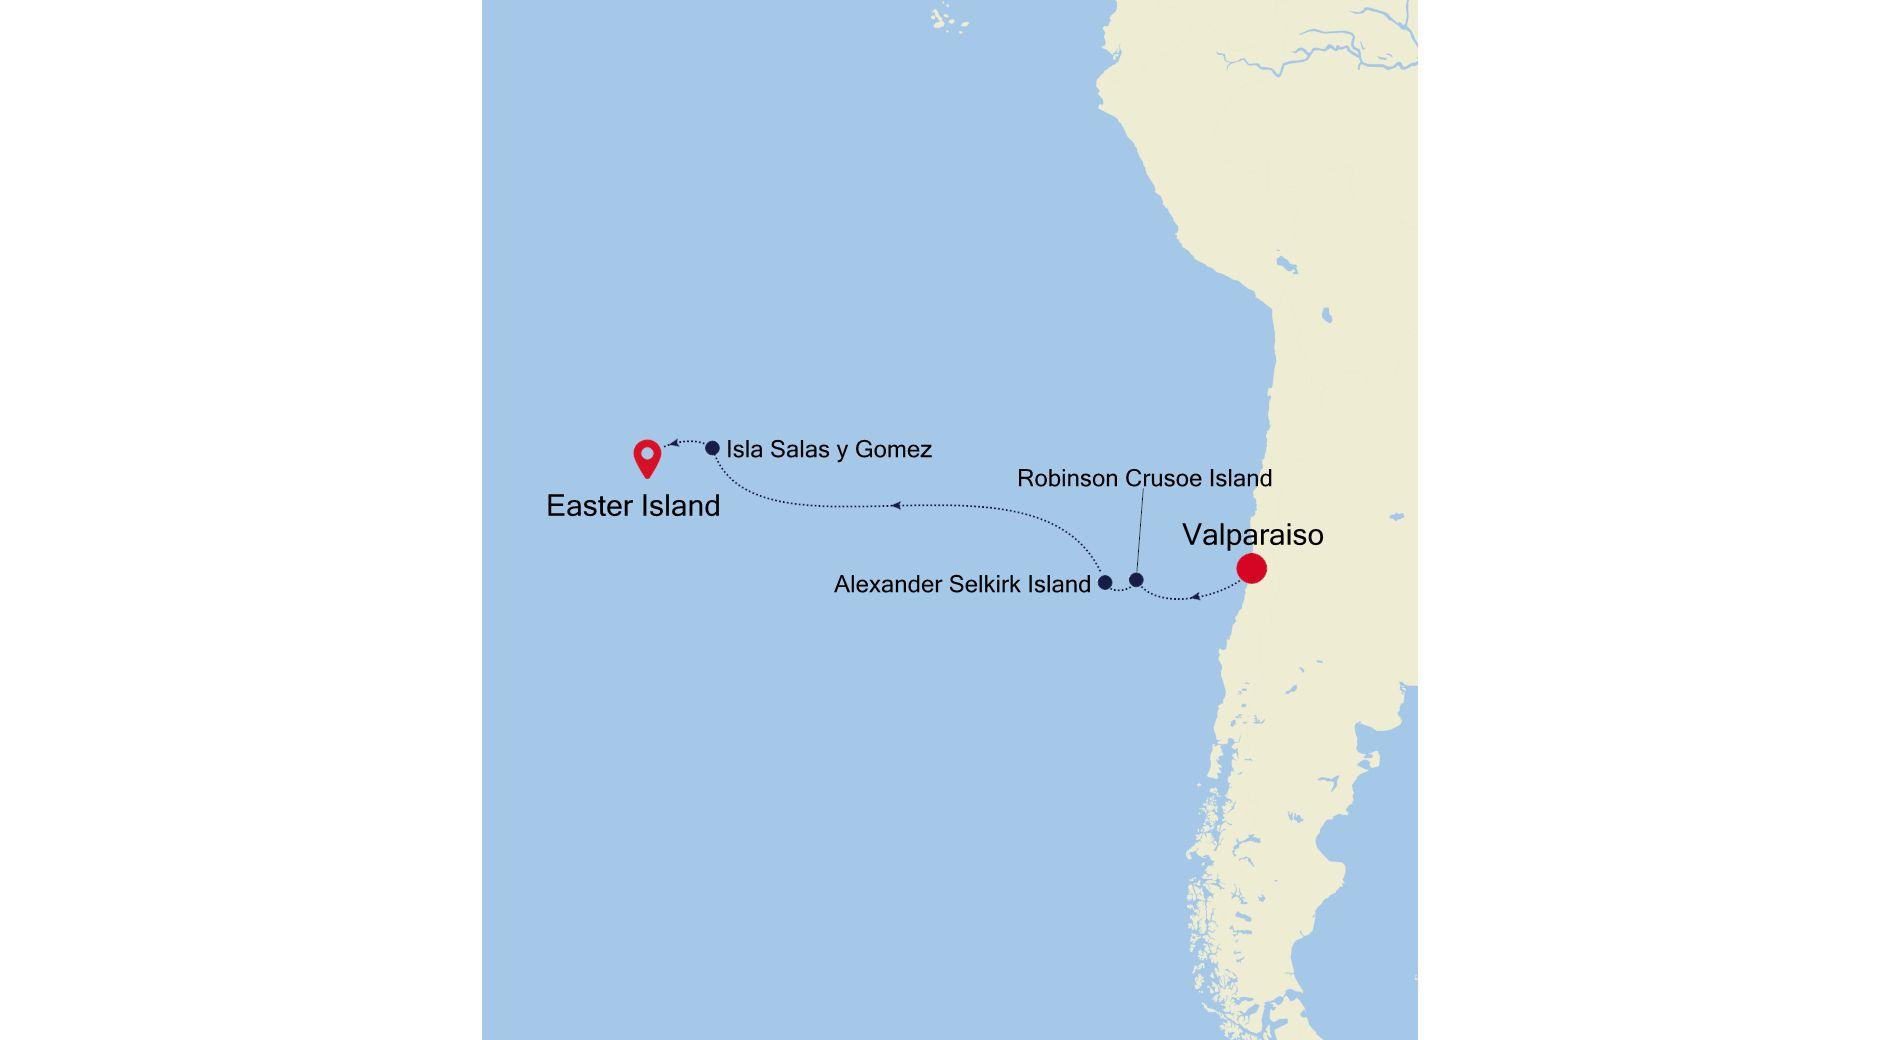 E1200318009 - Valparaiso nach Easter Island